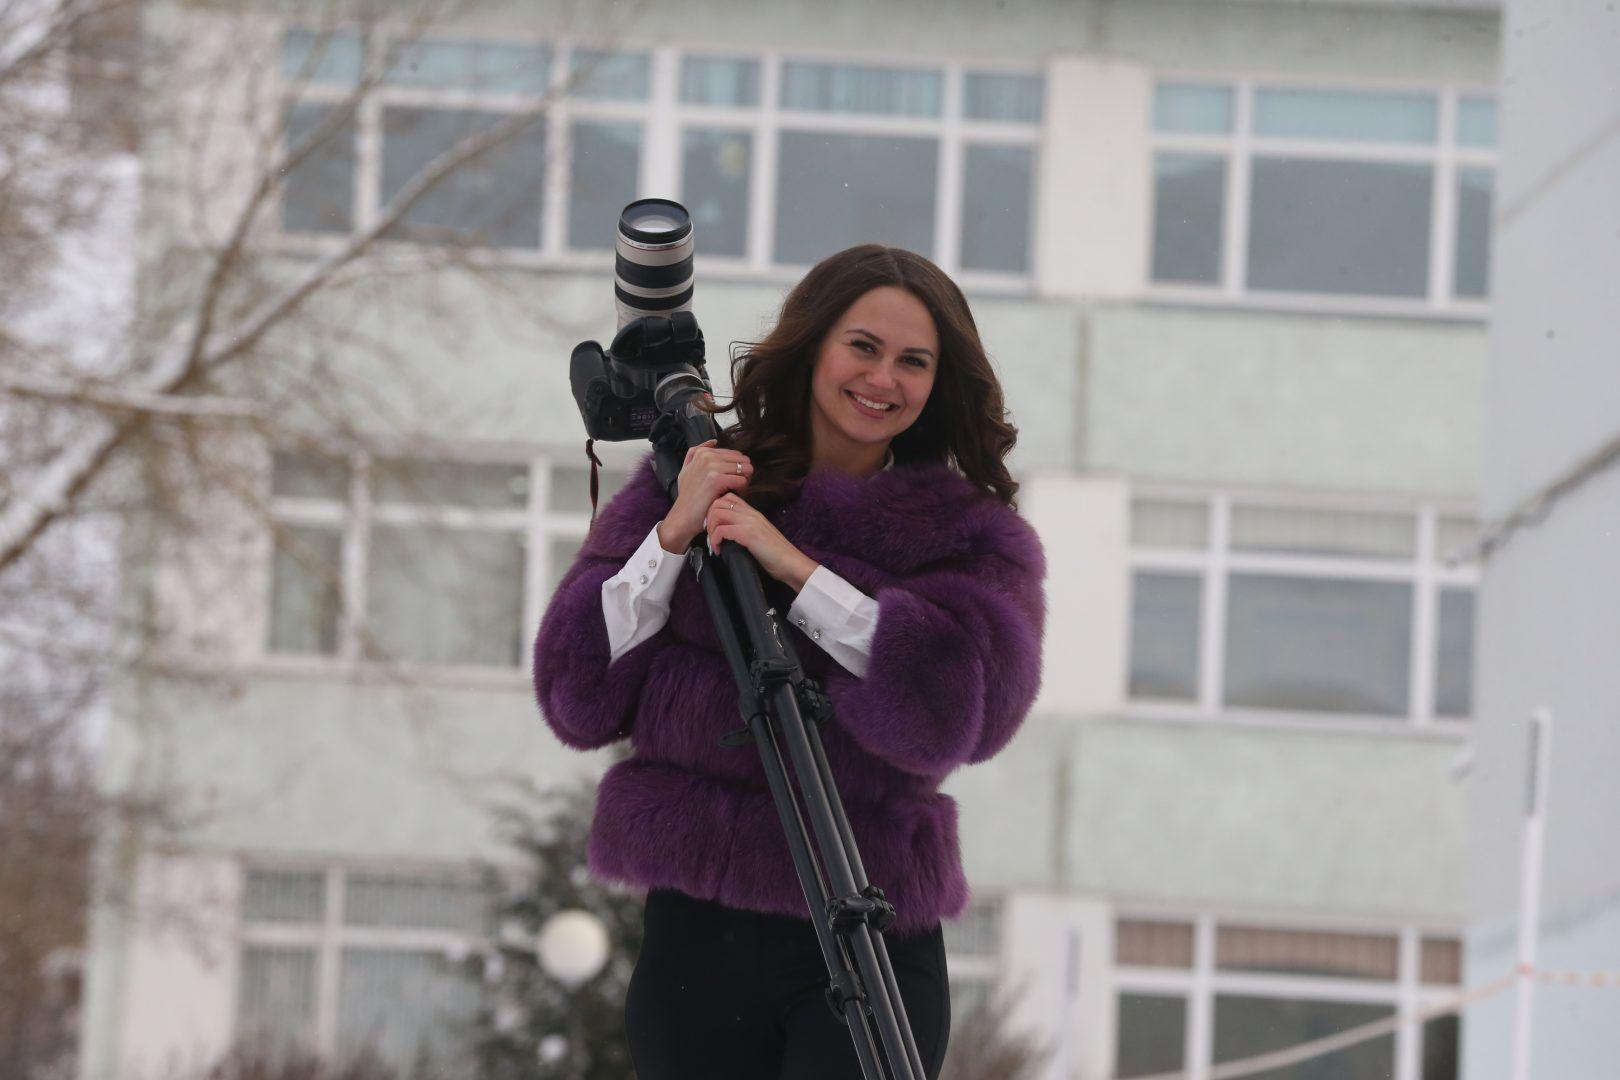 Педагогу-организатору Любови Балашовой пришлась по душе работа в кадре. Фото: Виктор Хабаров, «Вечерняя Москва»